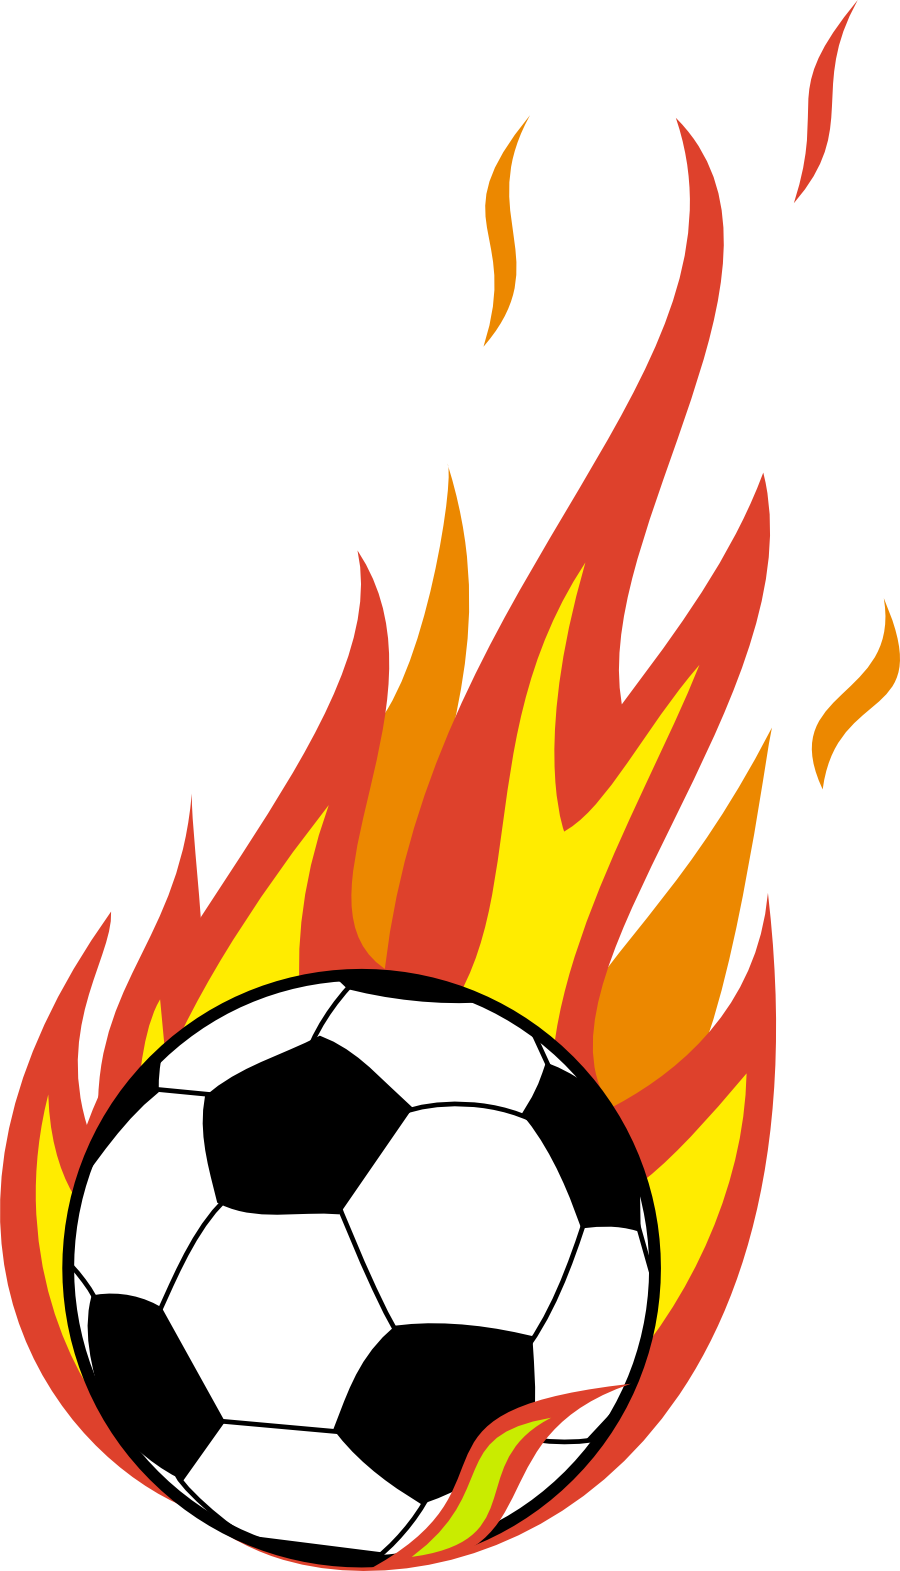 FOOTBALL BALL PNG - ClipArt Best